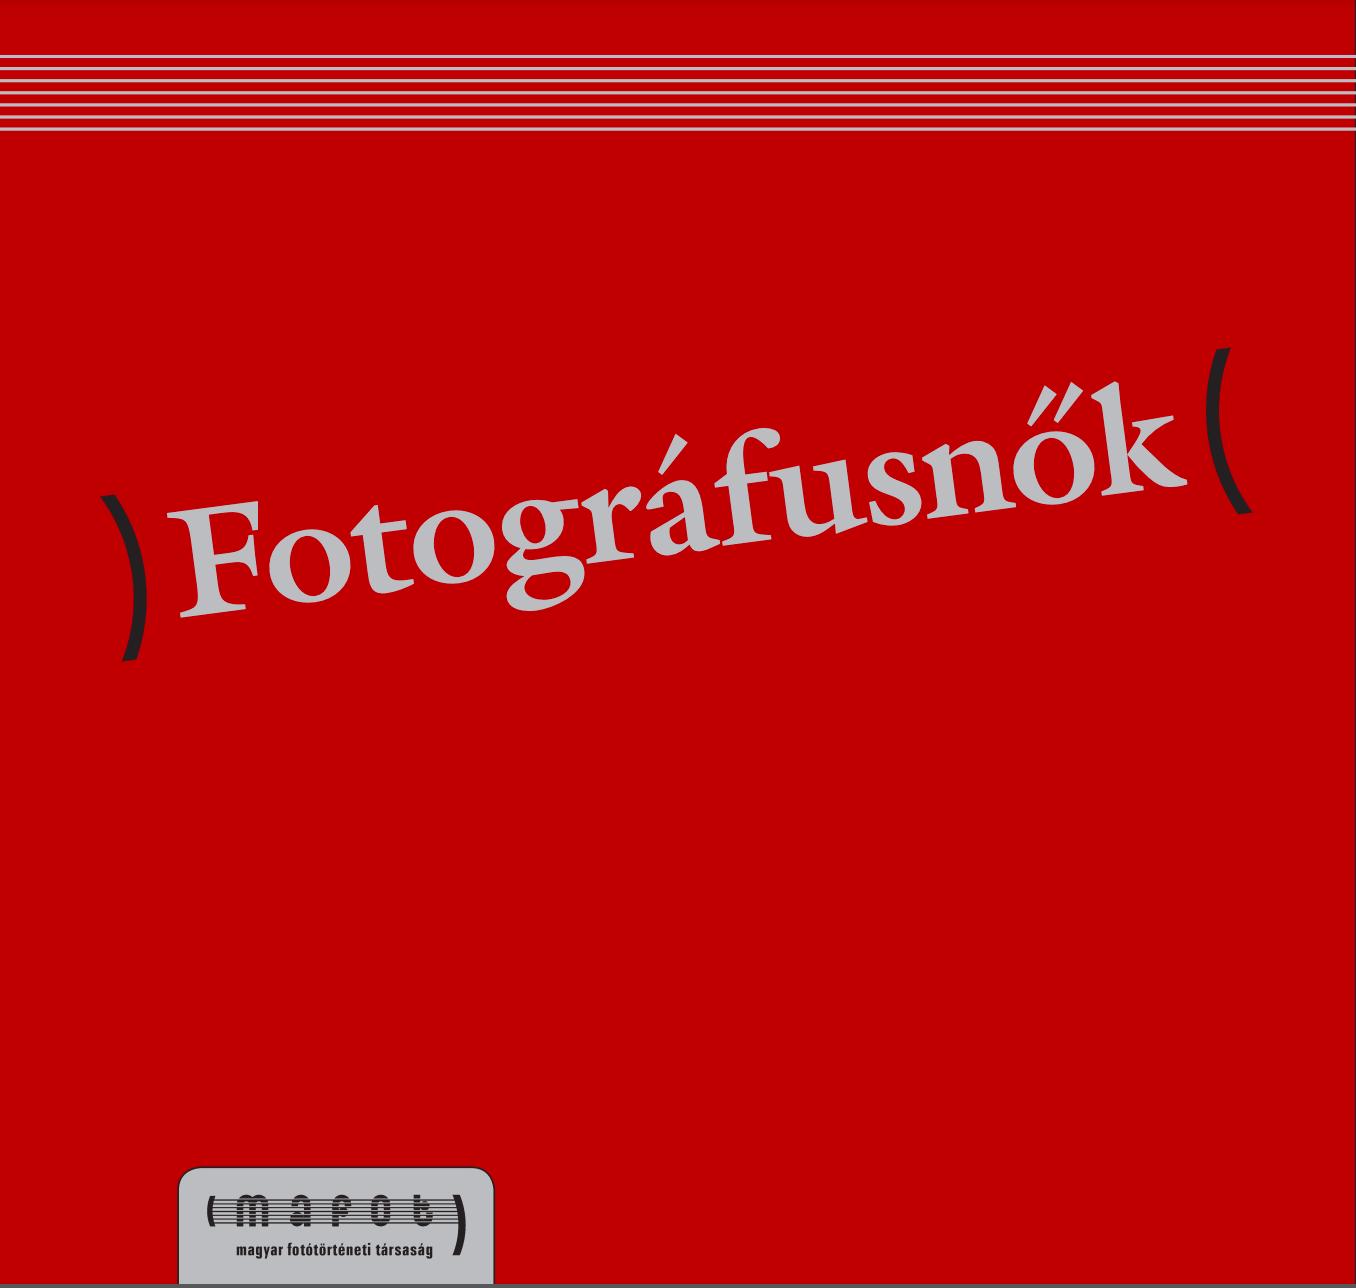 fotografusnok_mafot.png